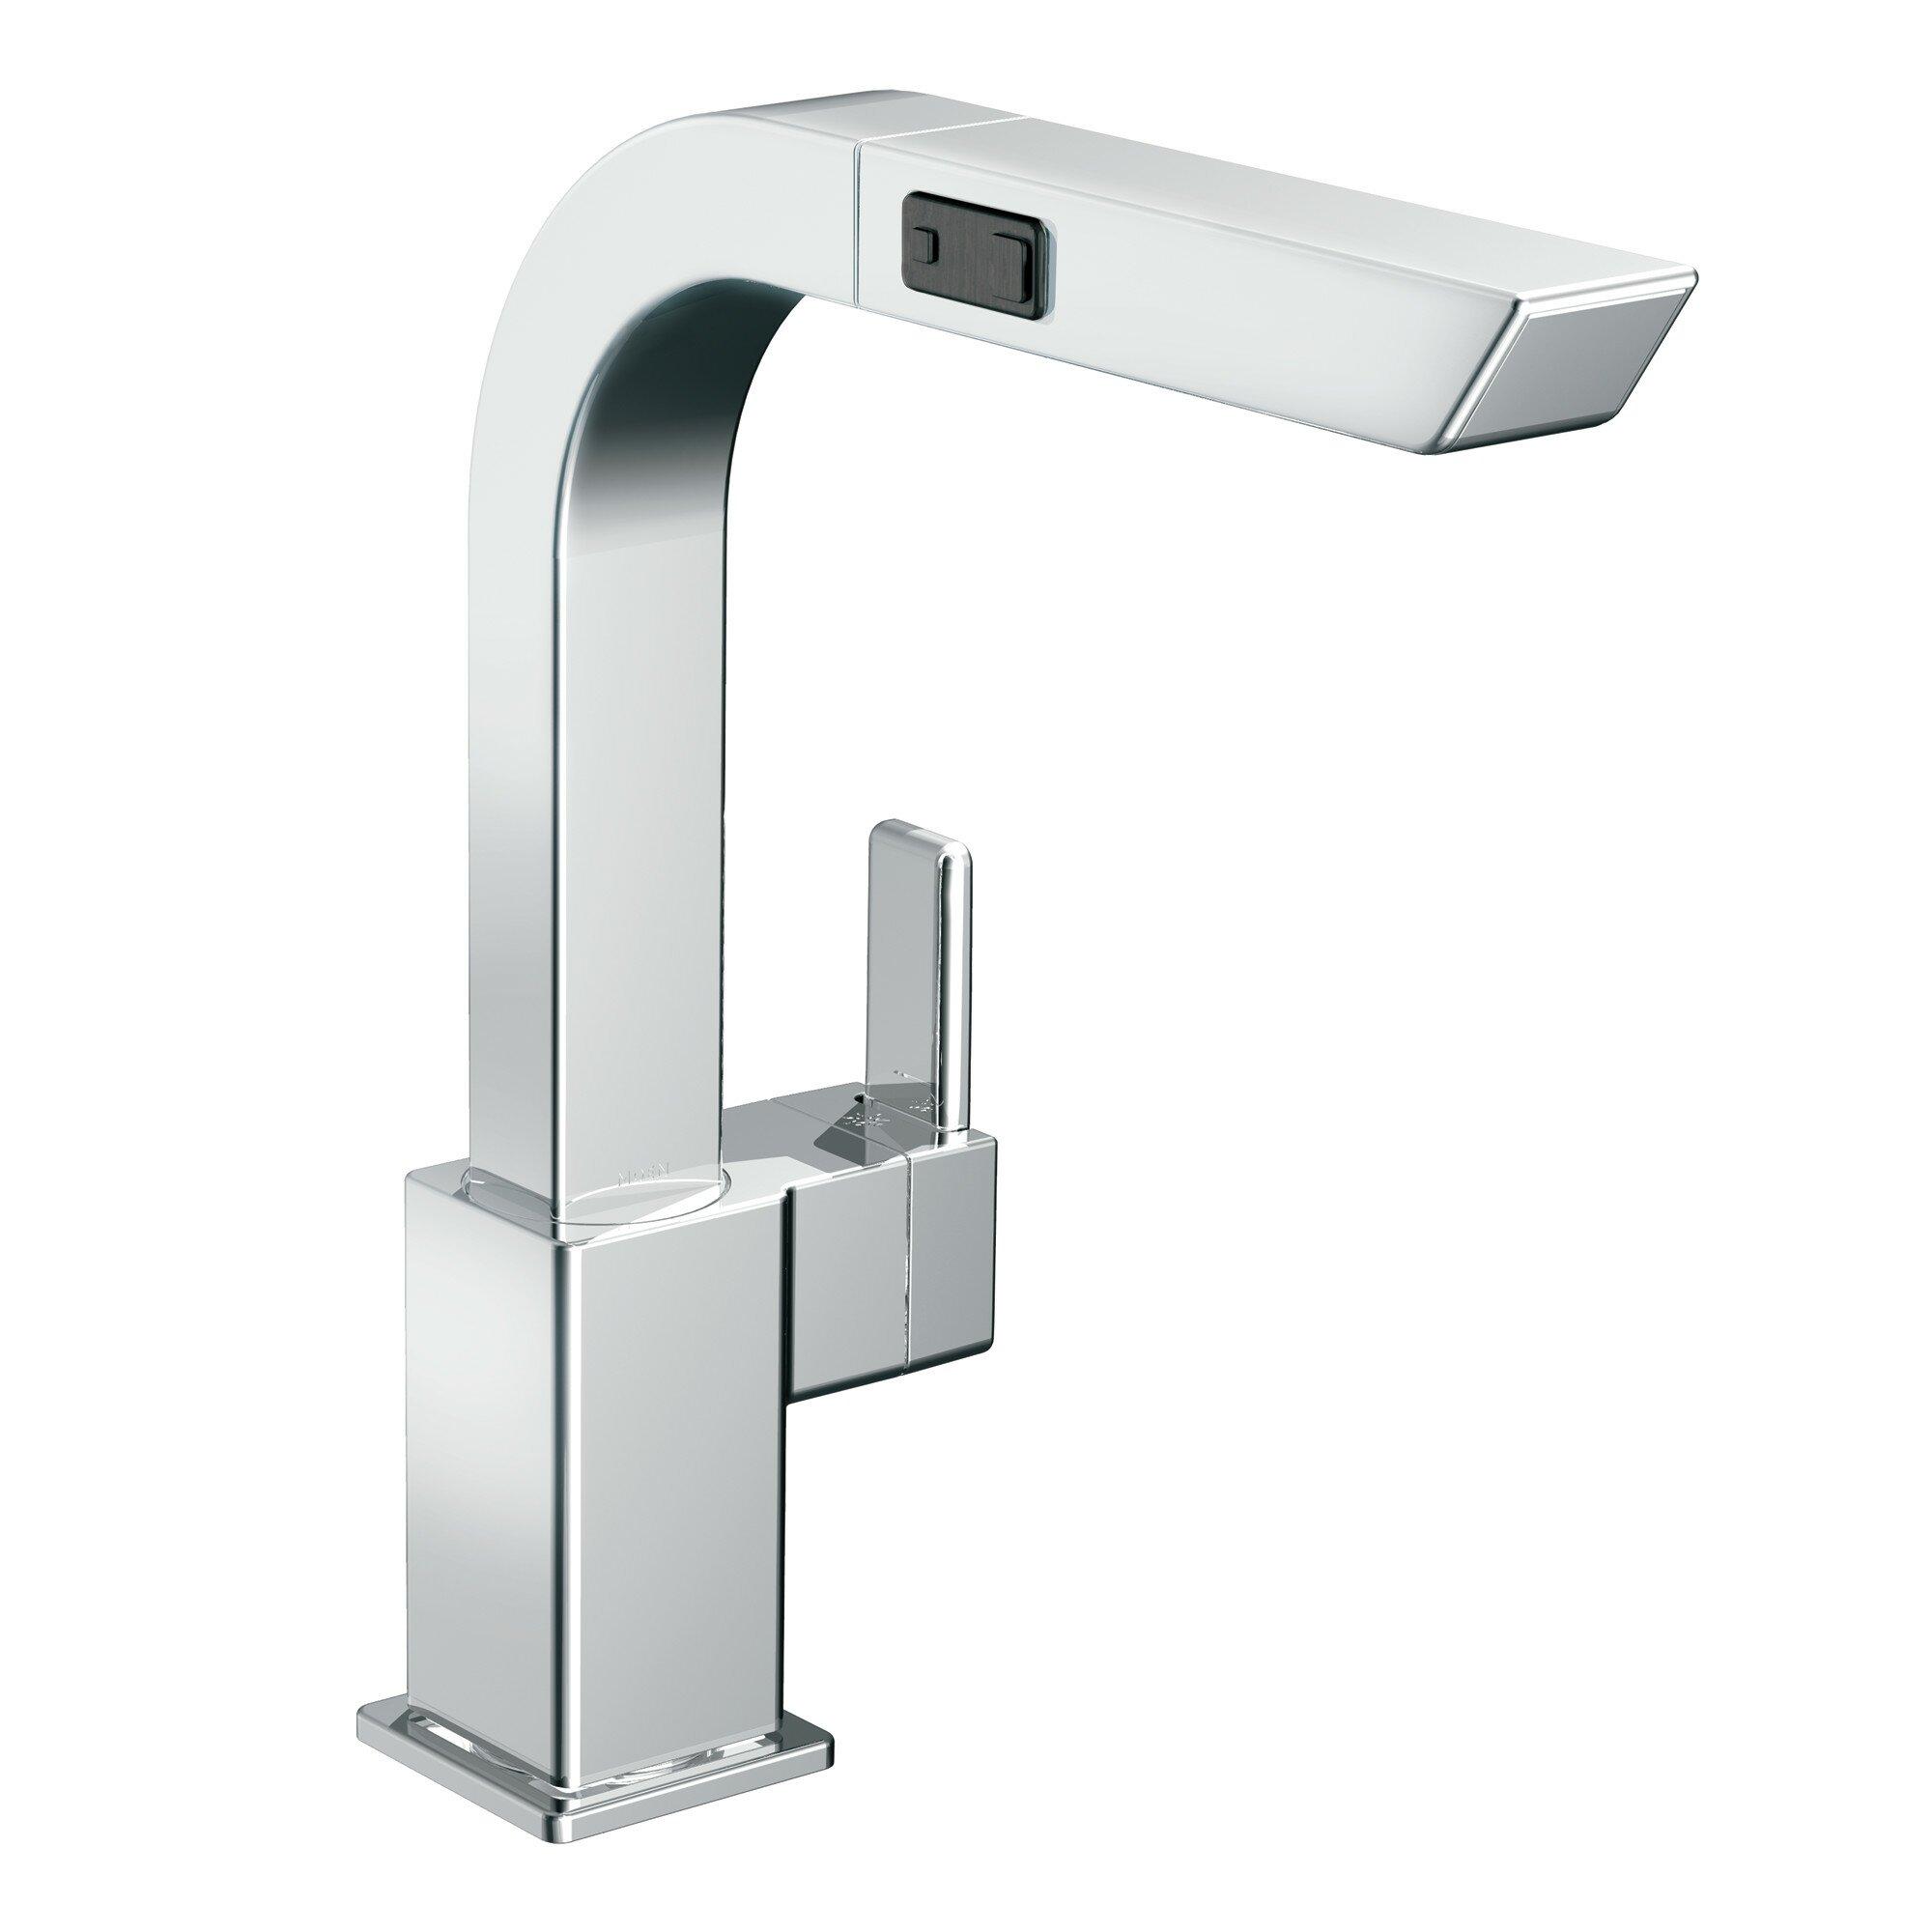 Moen Two Handle Kitchen Faucet Moen 90 Degree Single Handle Deck Mount Kitchen Faucet Reviews